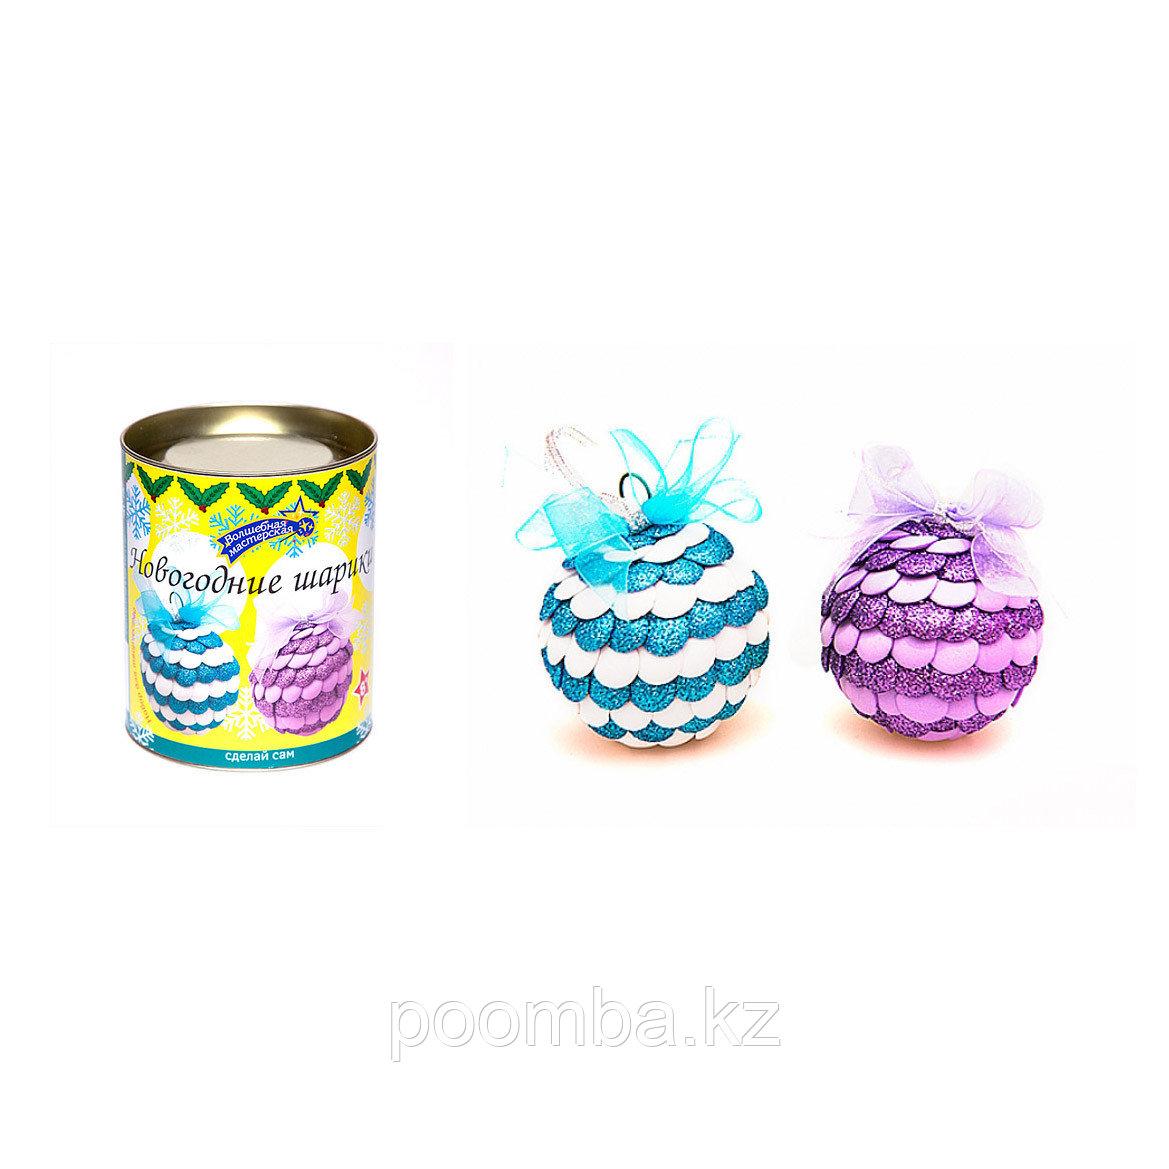 Набор для творчества - Новогодние шарики 6 см